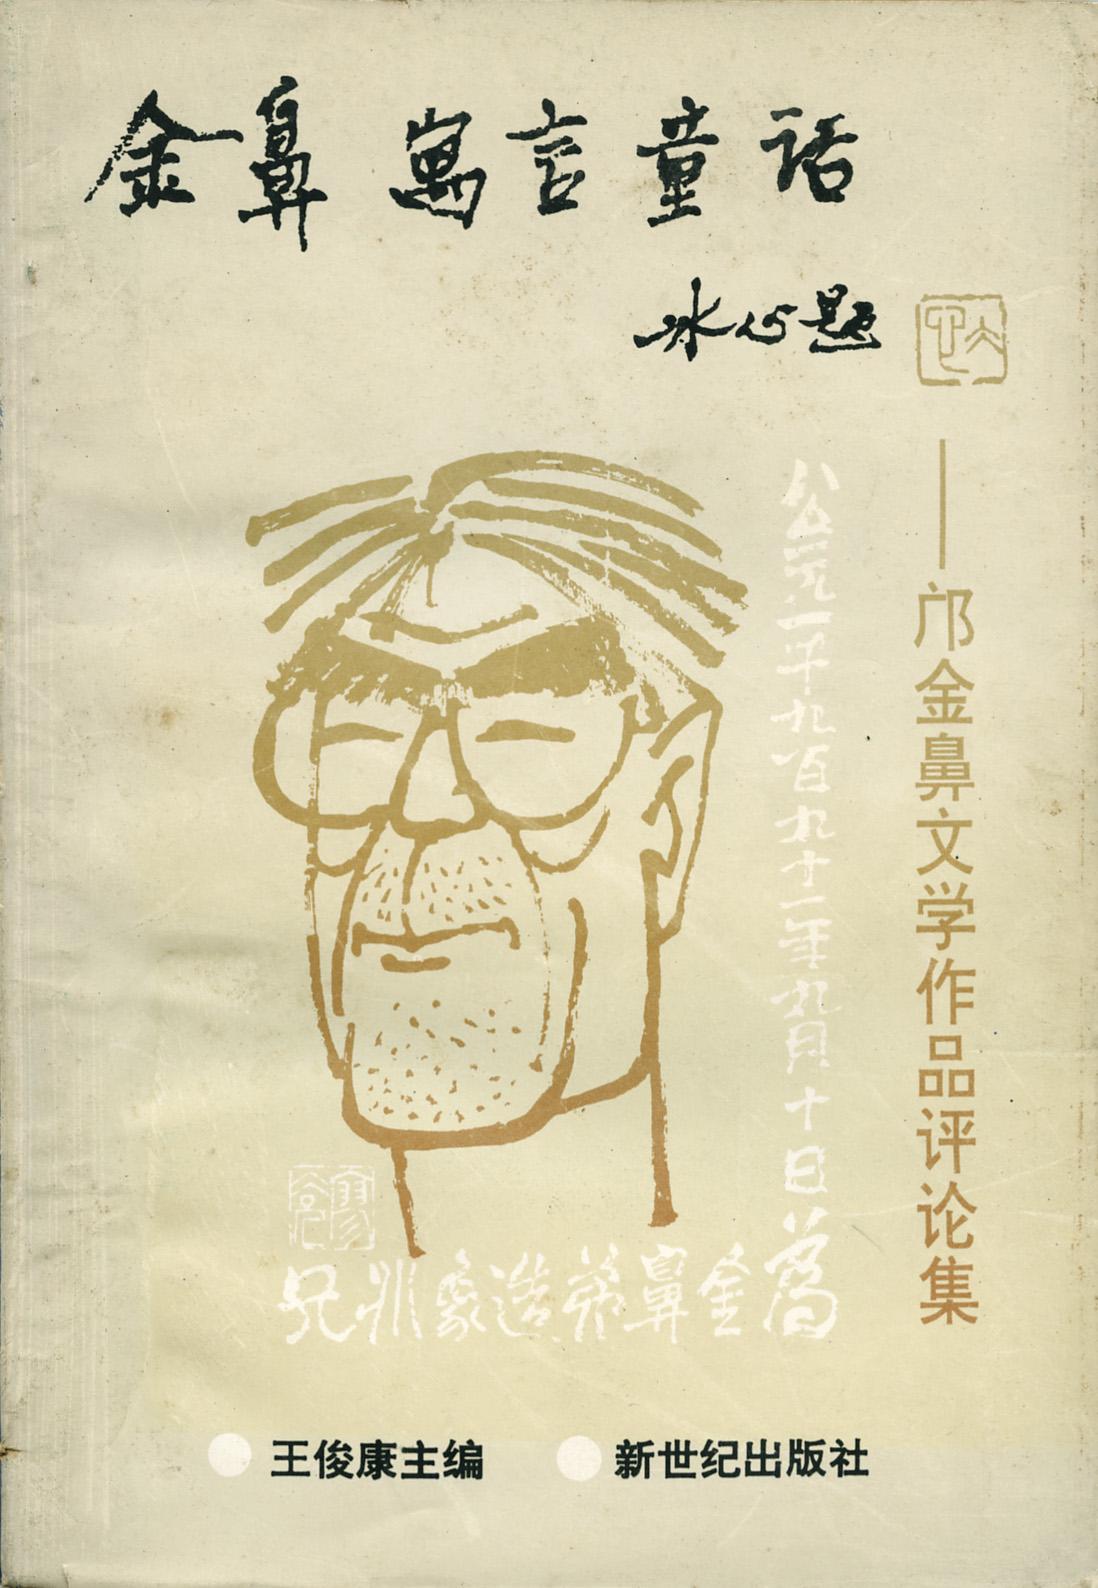 报告文学曾获国家级奖;童谣获全国一等奖.